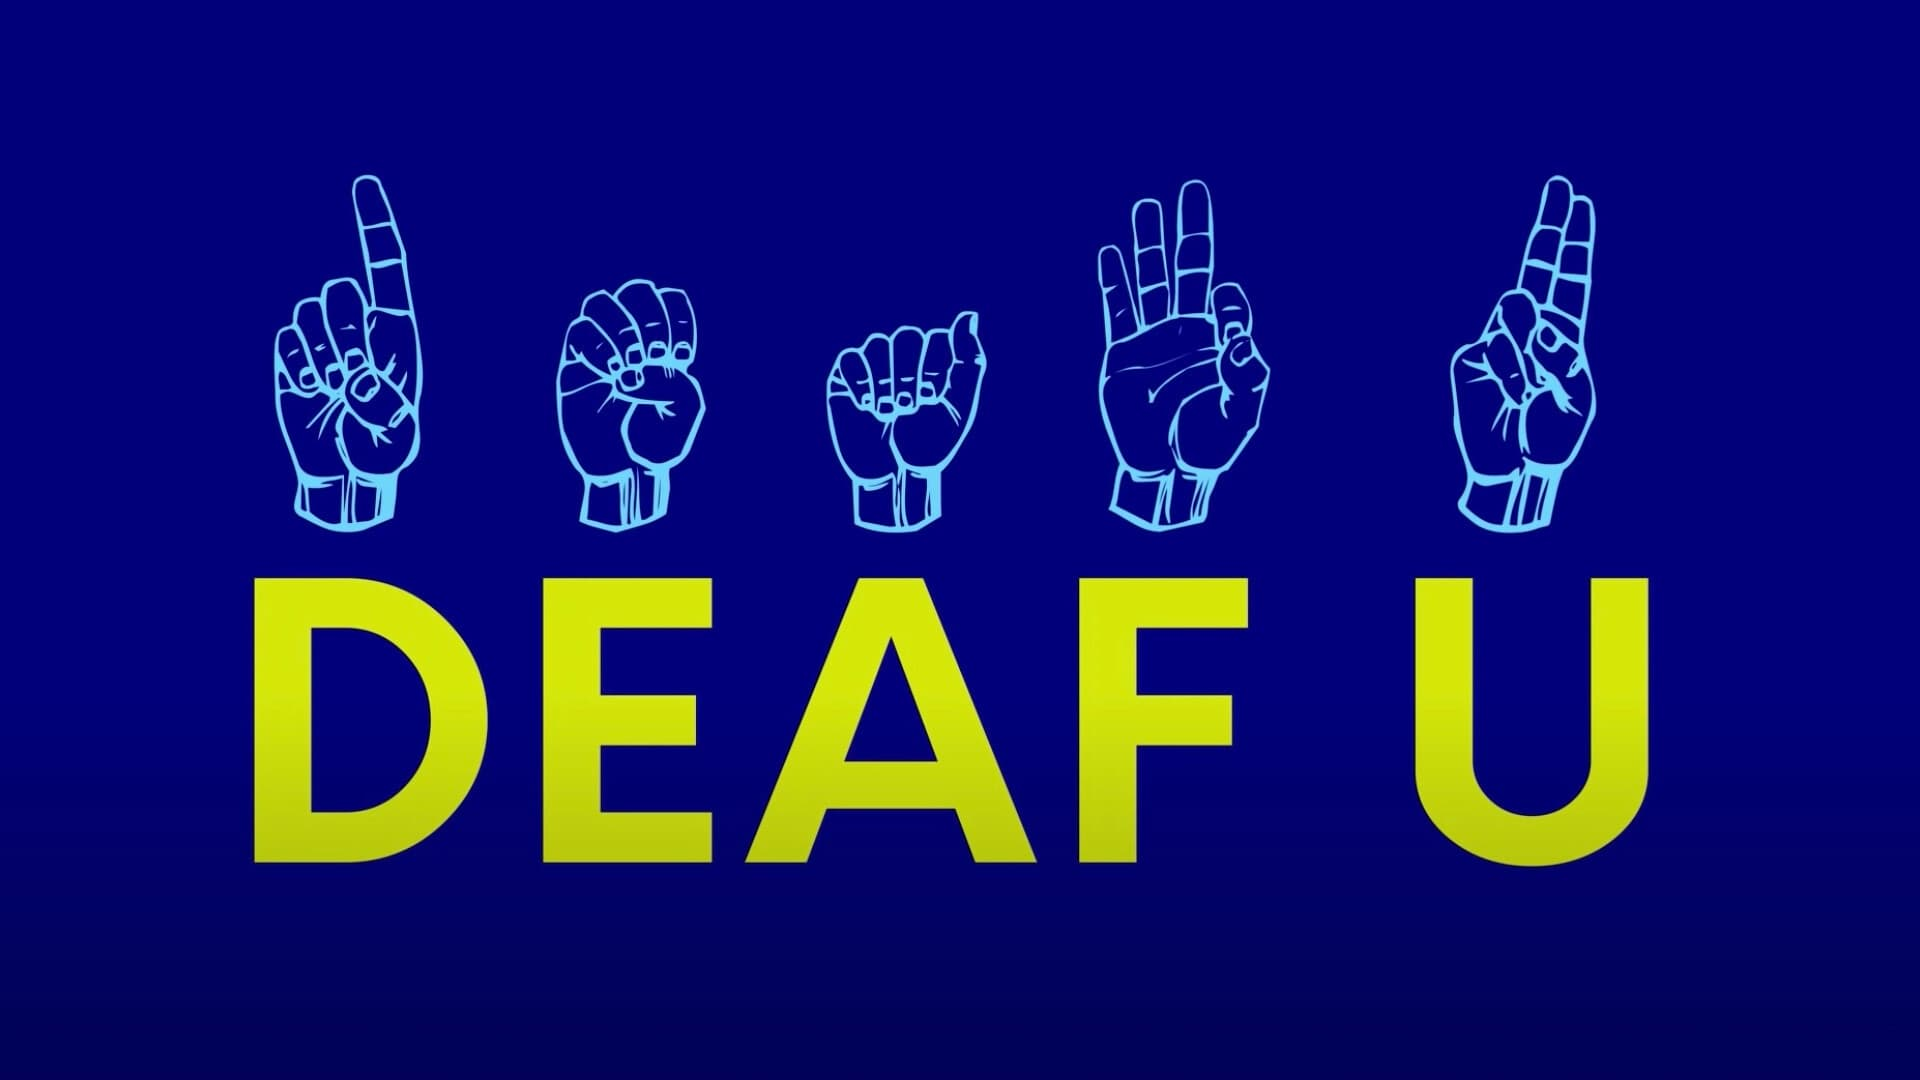 La universidad para sordos